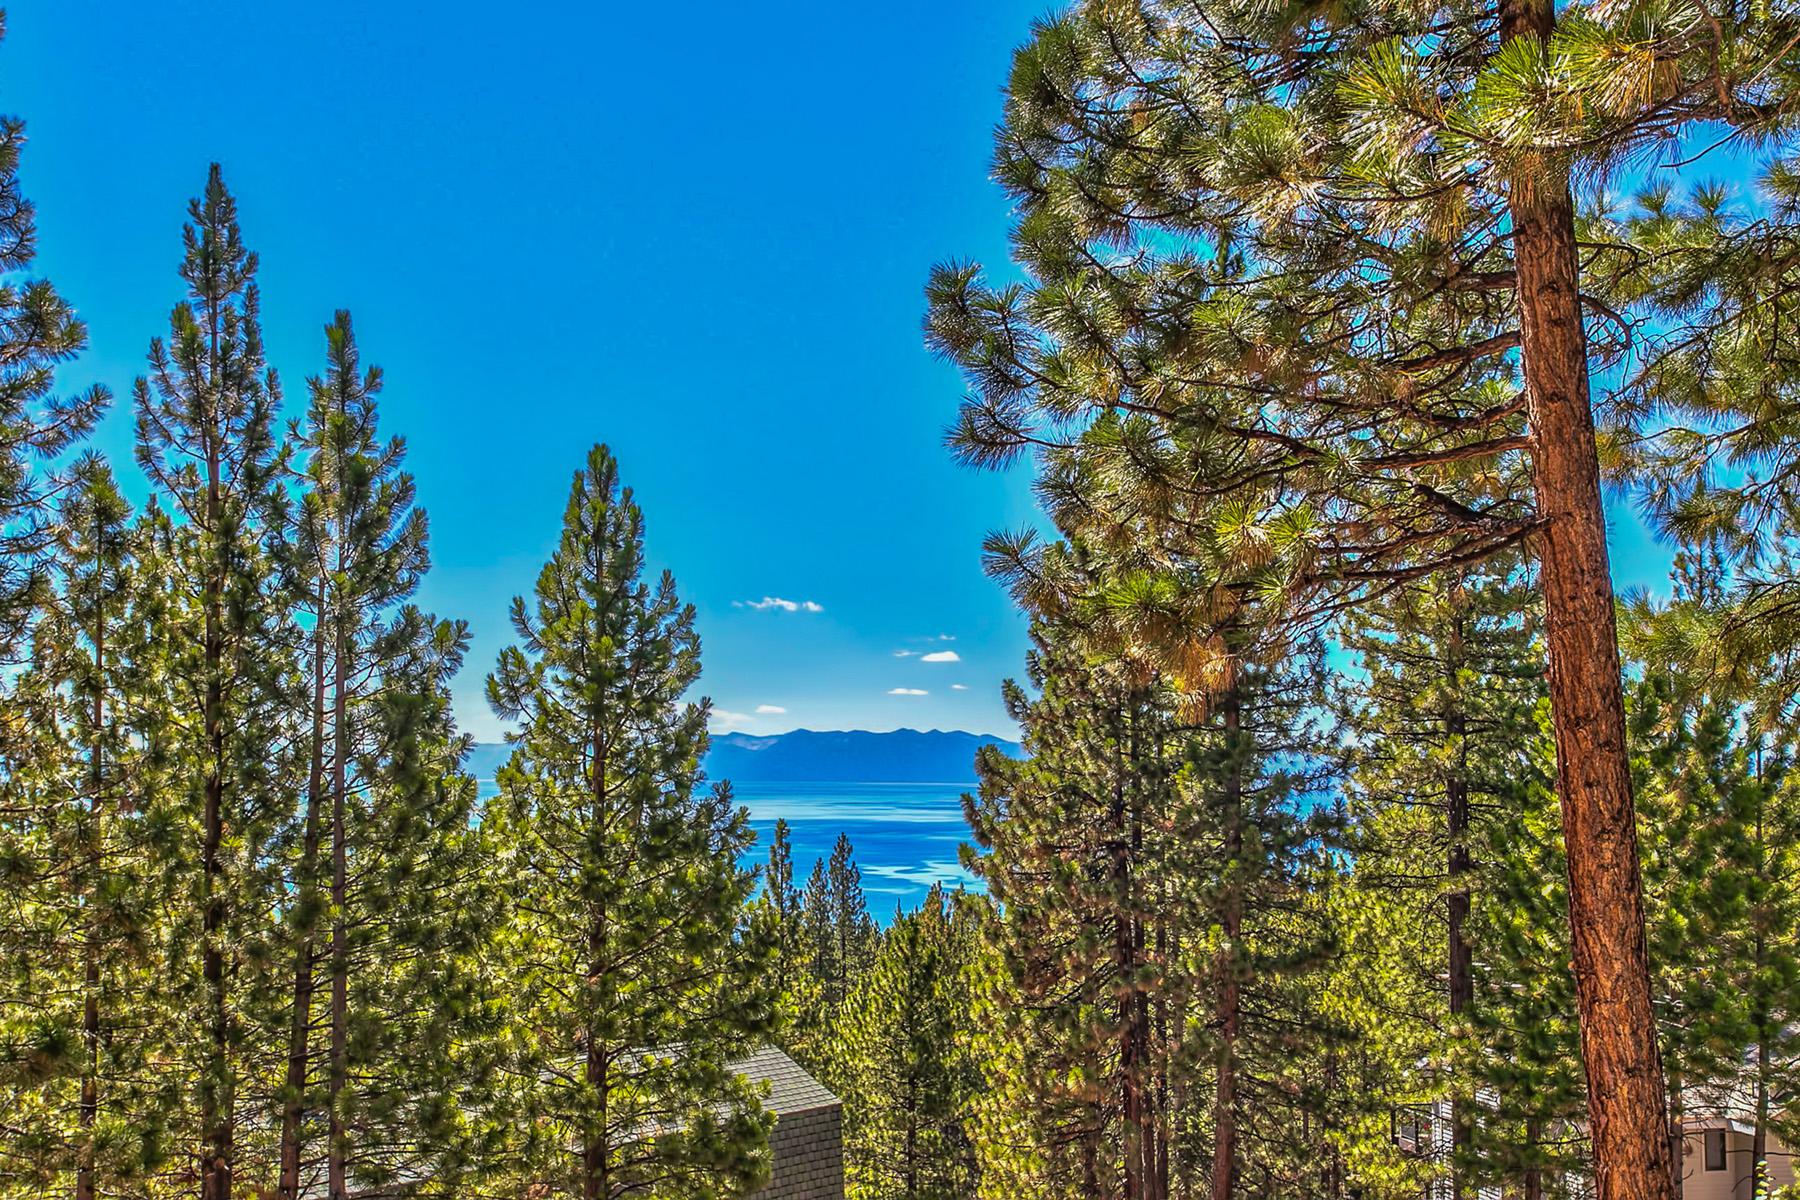 Maison unifamiliale pour l Vente à 676 Tyner Way Lower Tyner, Incline Village, Nevada 89451 États-Unis